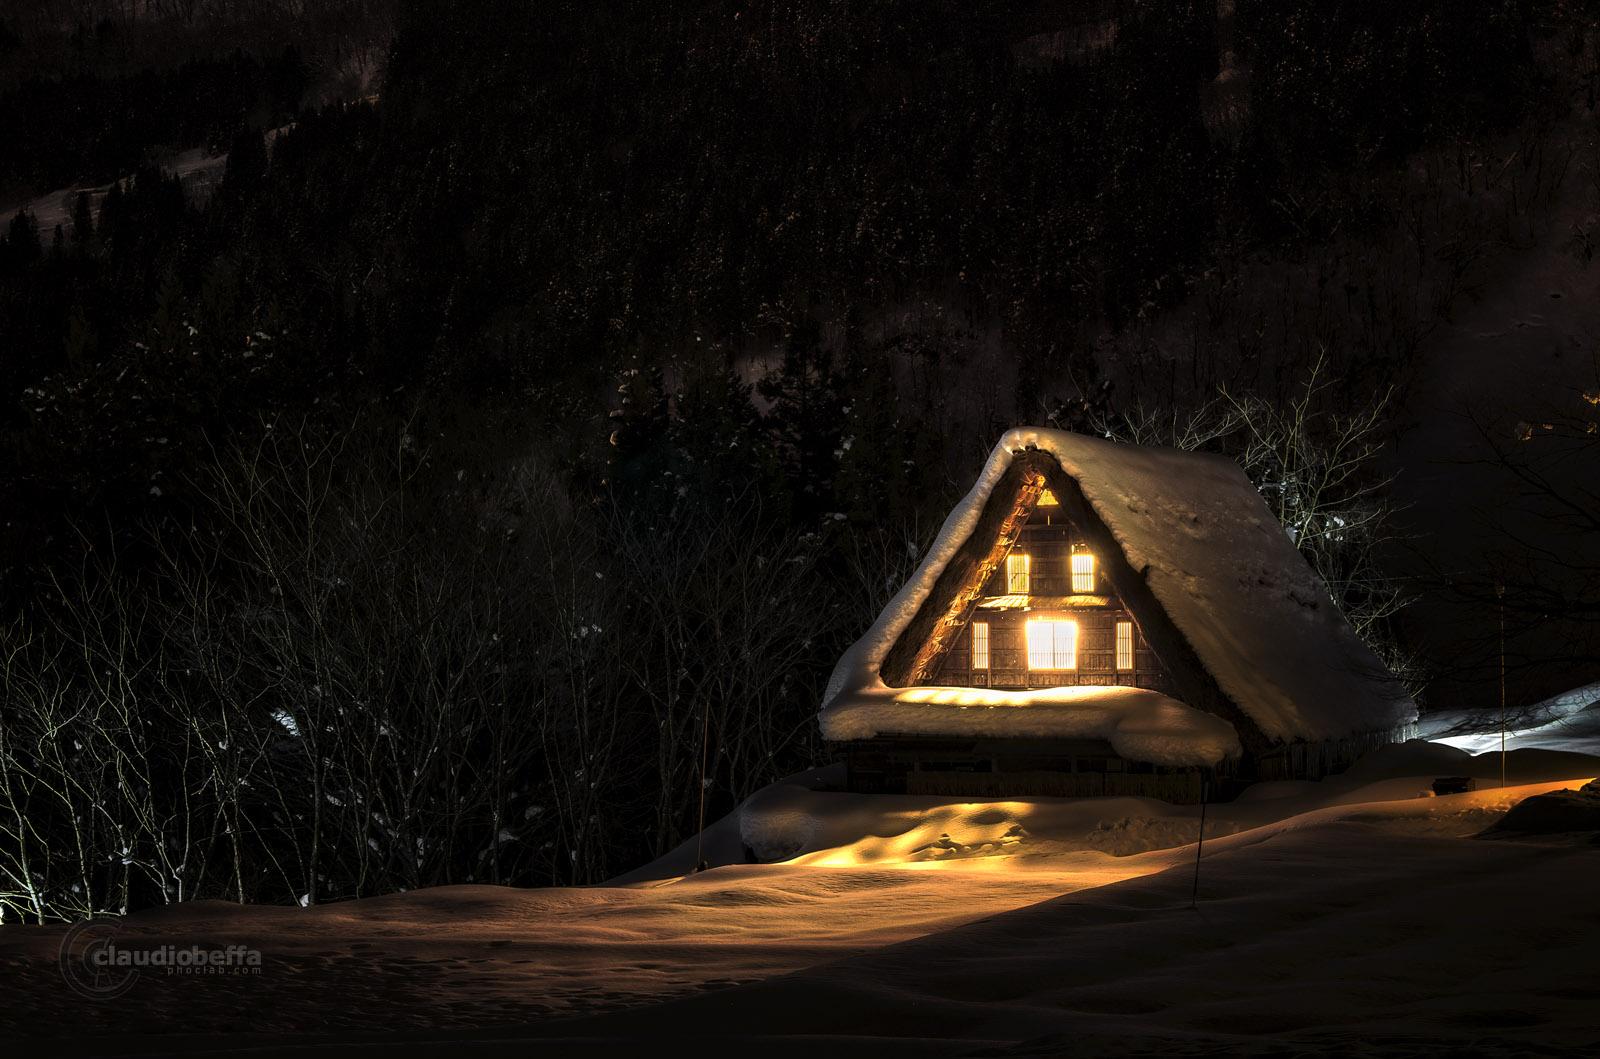 Toyama, Ainokura, Town, Gassho, Farmhouse, Winter, Night, Snow, Japan, Pentax, Long exposure